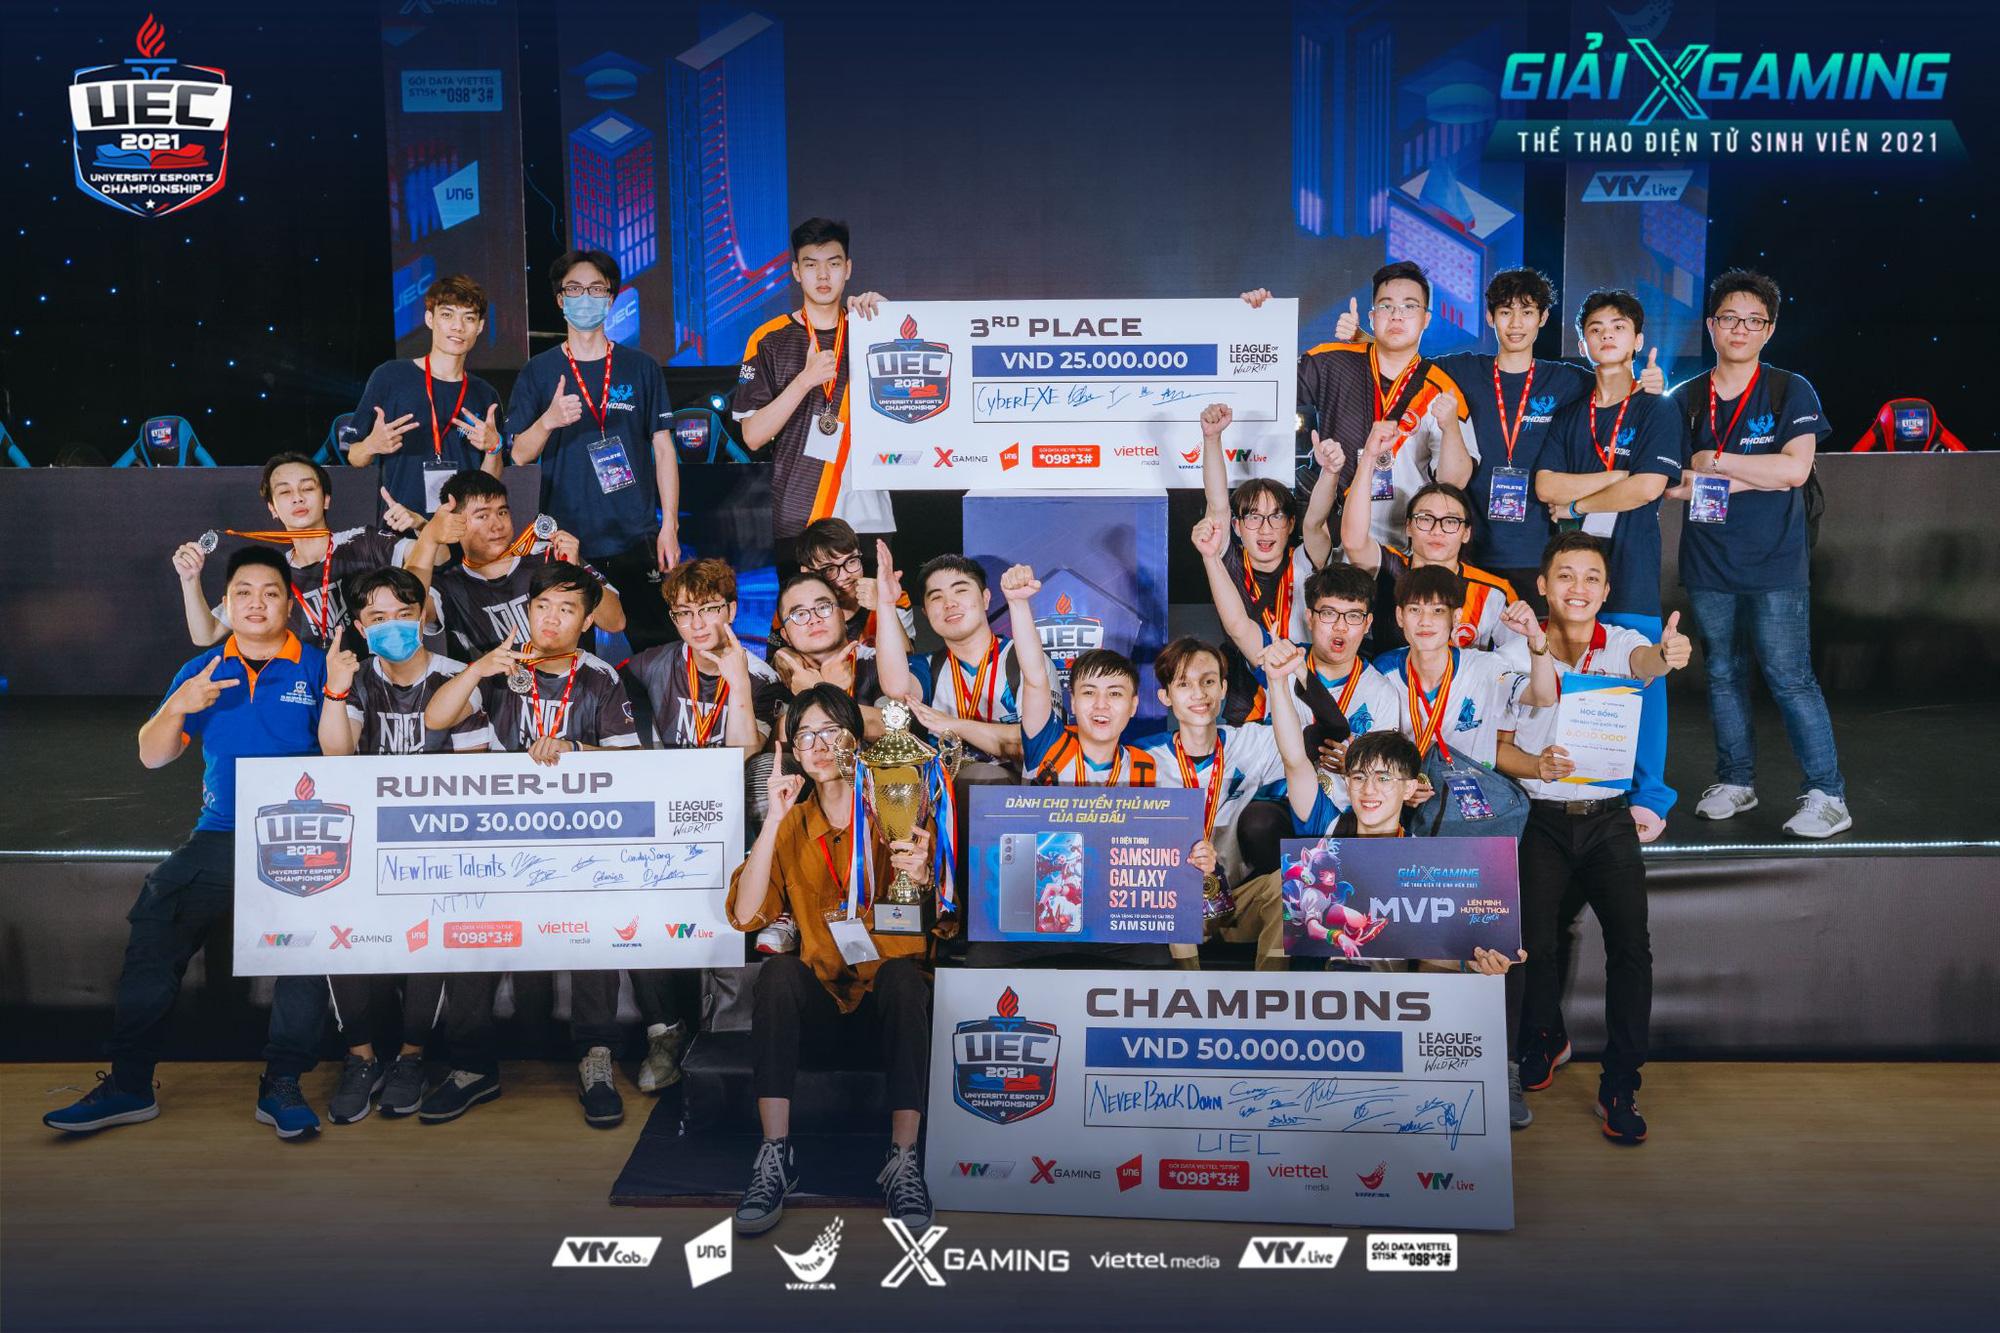 Xgaming - UEC 2021: Cuộc đại tuyển chọn cho tương lai eSports Việt Nam - Ảnh 6.